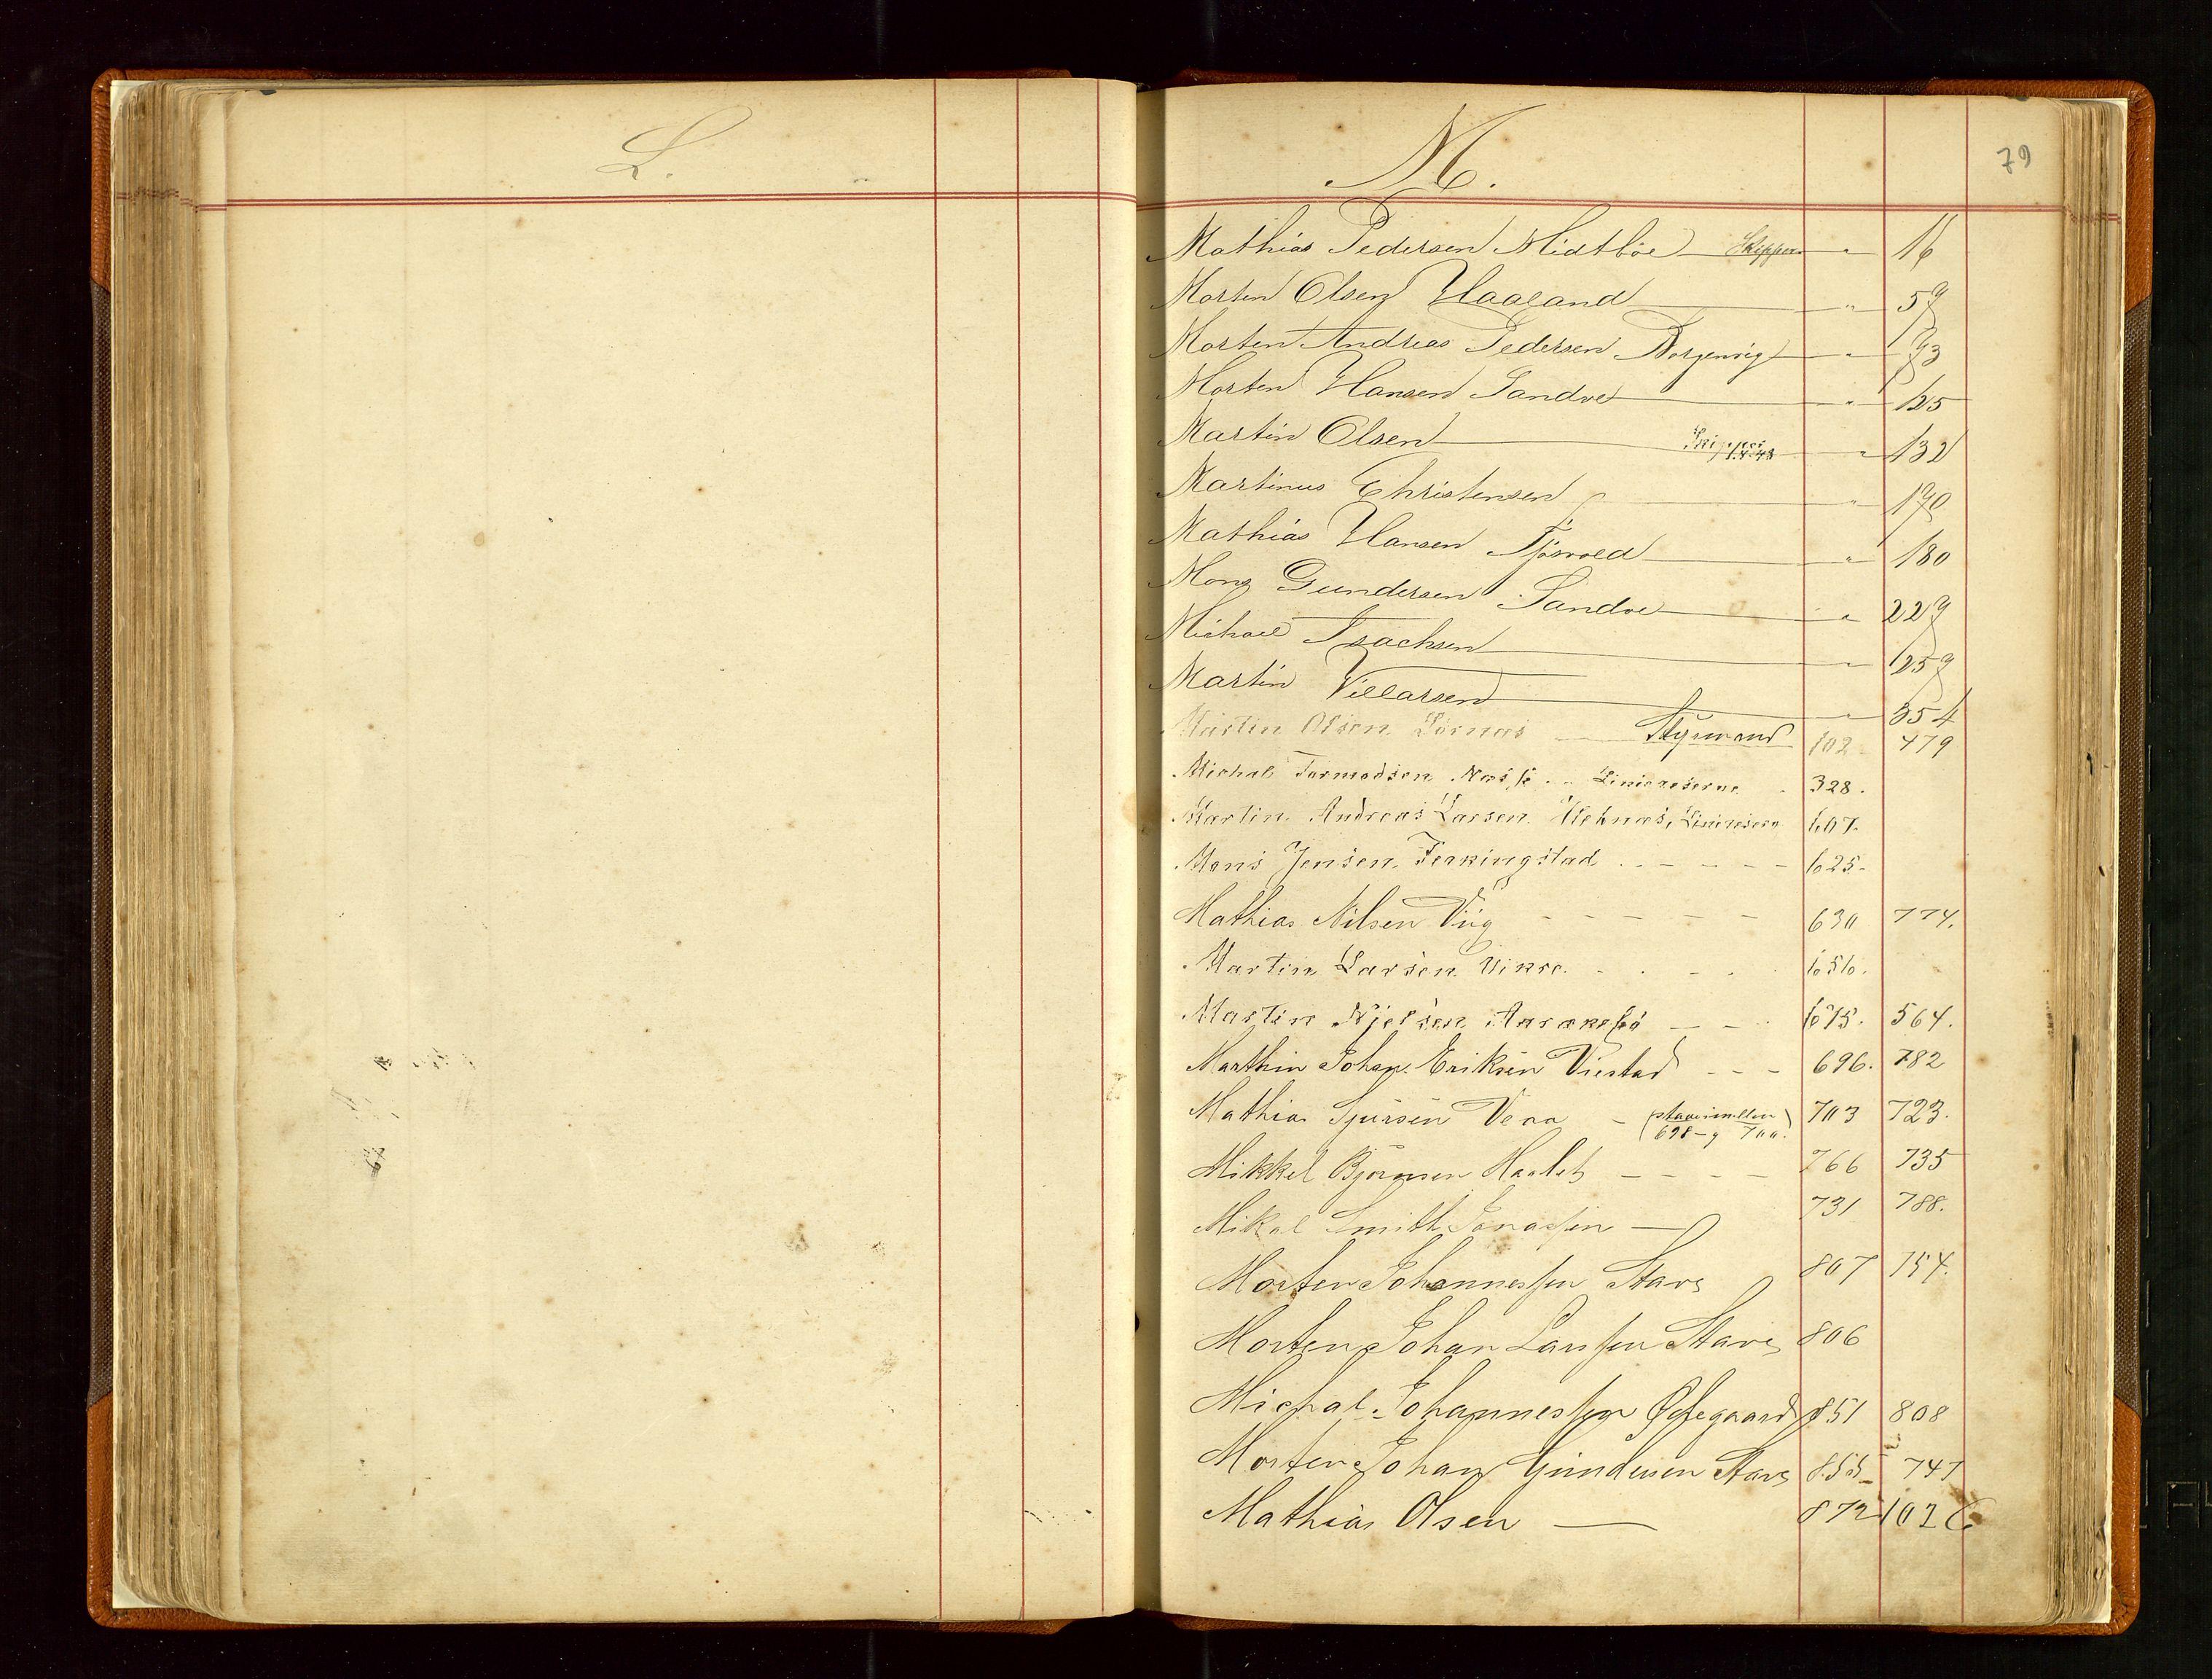 SAST, Haugesund sjømannskontor, F/Fb/Fba/L0003: Navneregister med henvisning til rullenummer (fornavn) Haugesund krets, 1860-1948, s. 79